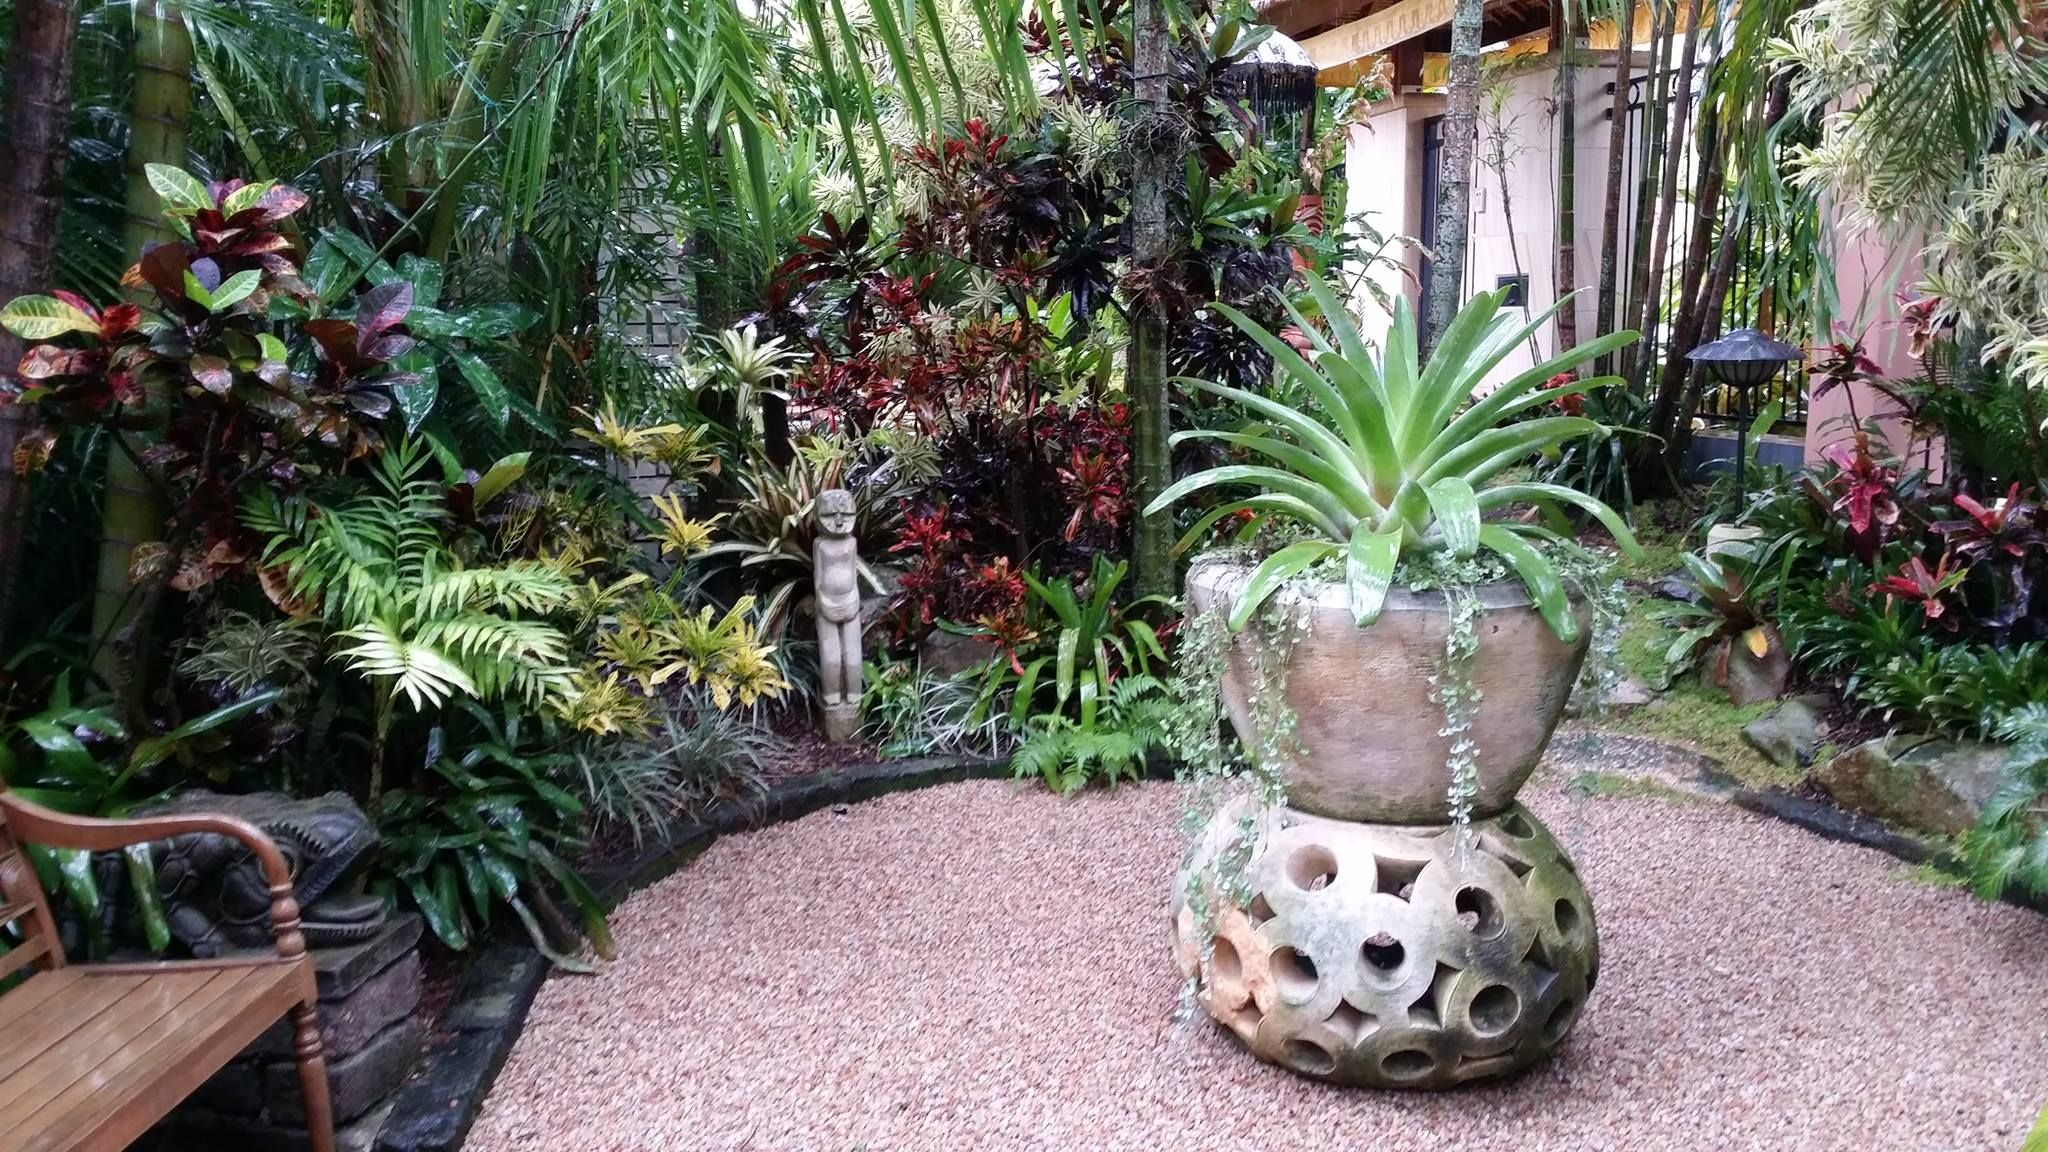 Rene hundscheidt garden brisbane photo p saunders for Garden ideas brisbane